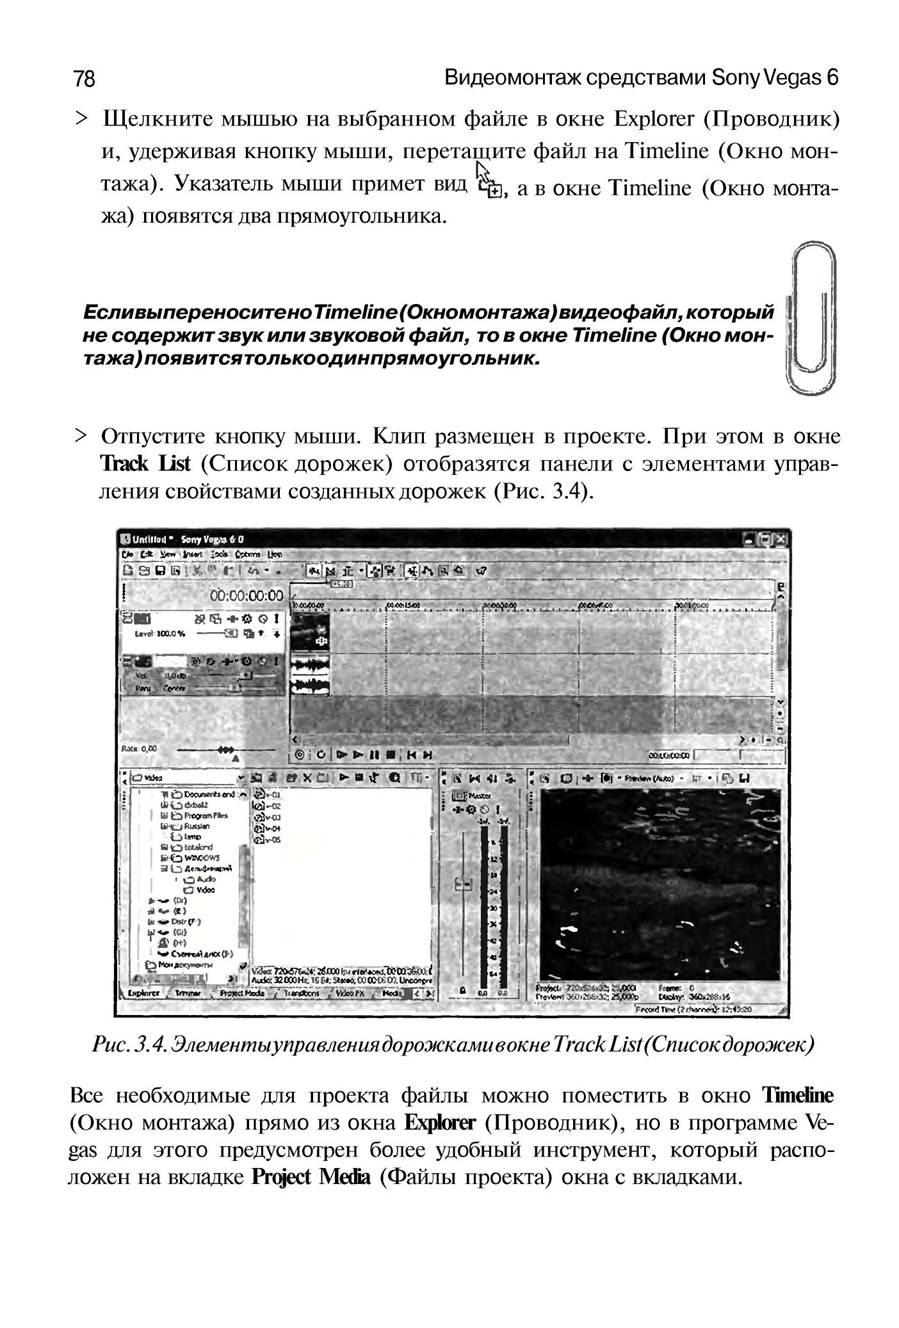 http://redaktori-uroki.3dn.ru/_ph/13/757324287.jpg